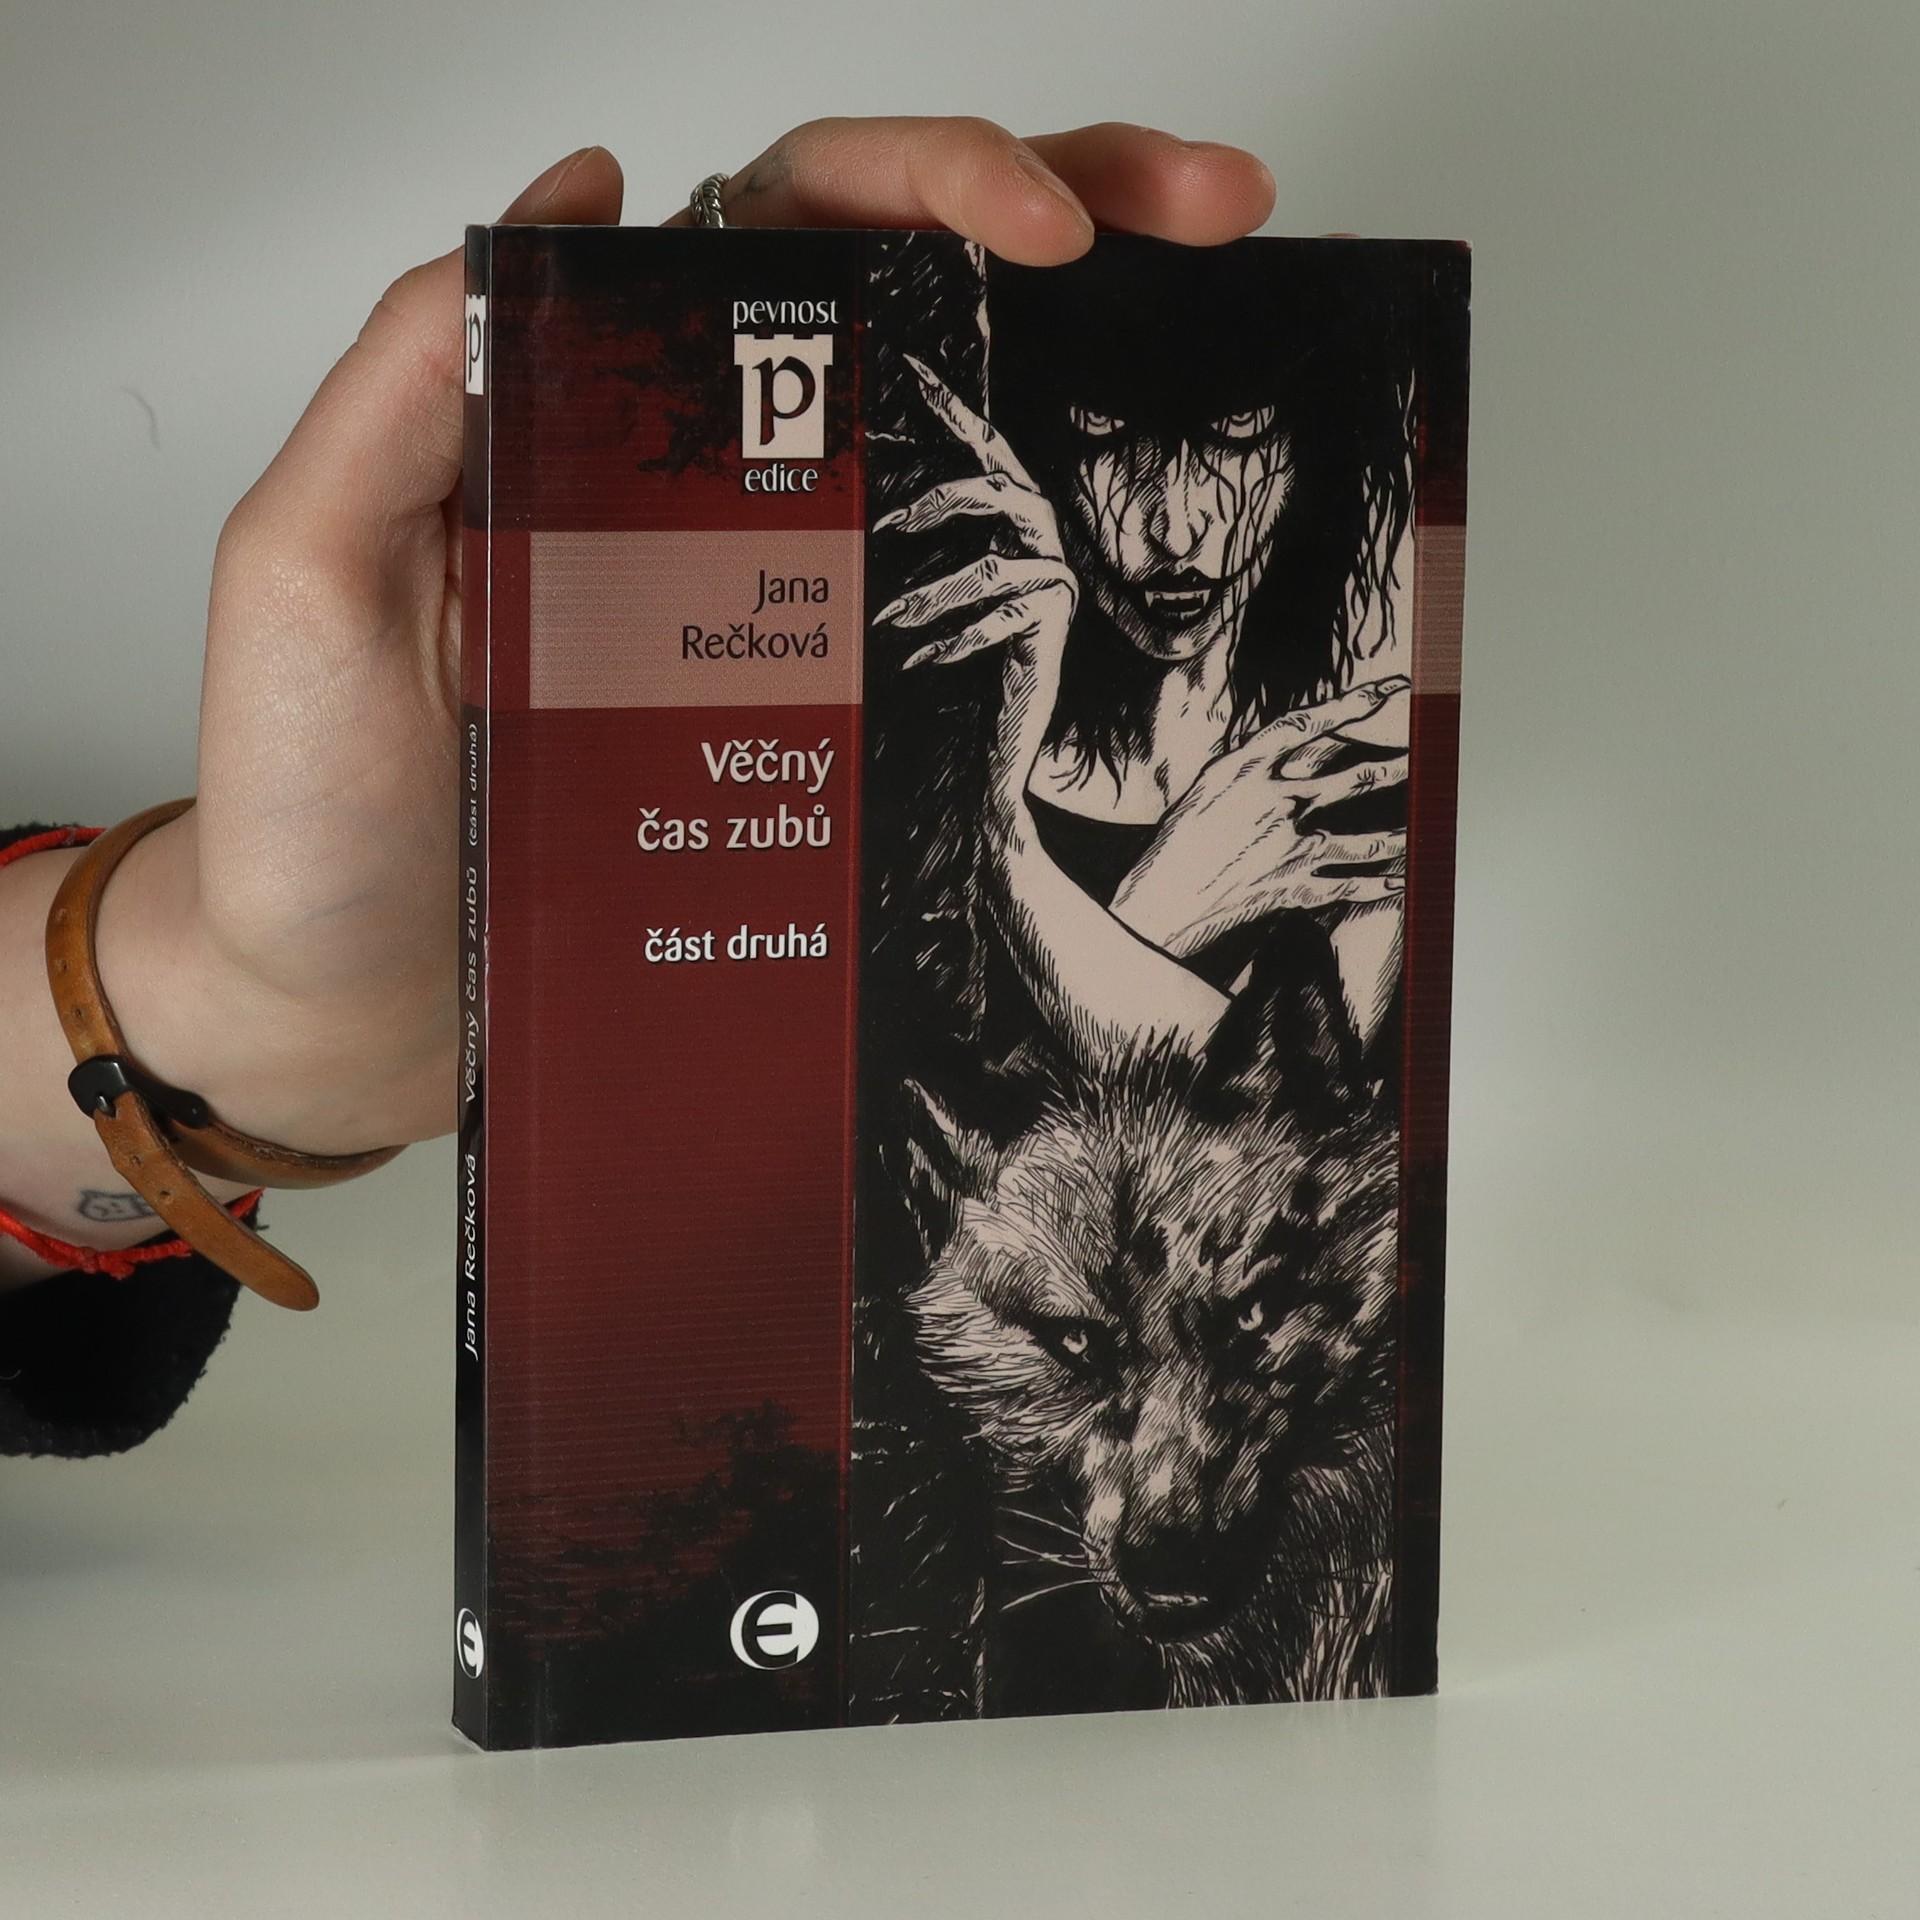 antikvární kniha Věčný čas zubů. Část druhá, 2010